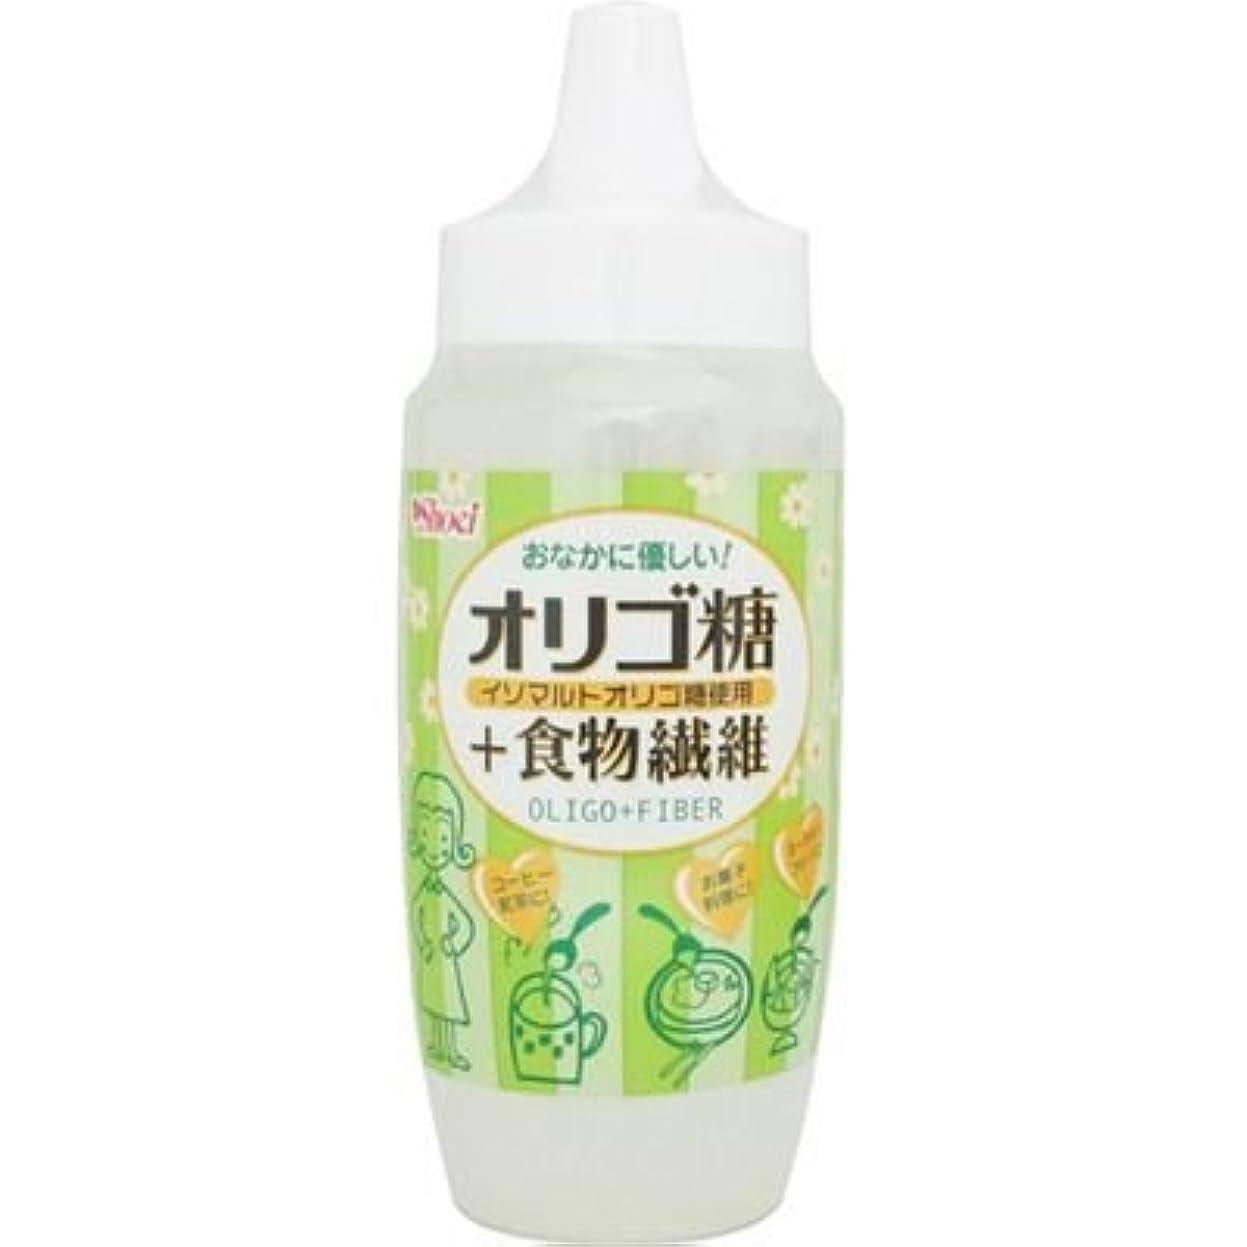 シーン常習的ビヨン正栄 オリゴ糖+食物繊維(ポリ) 500g E479288H